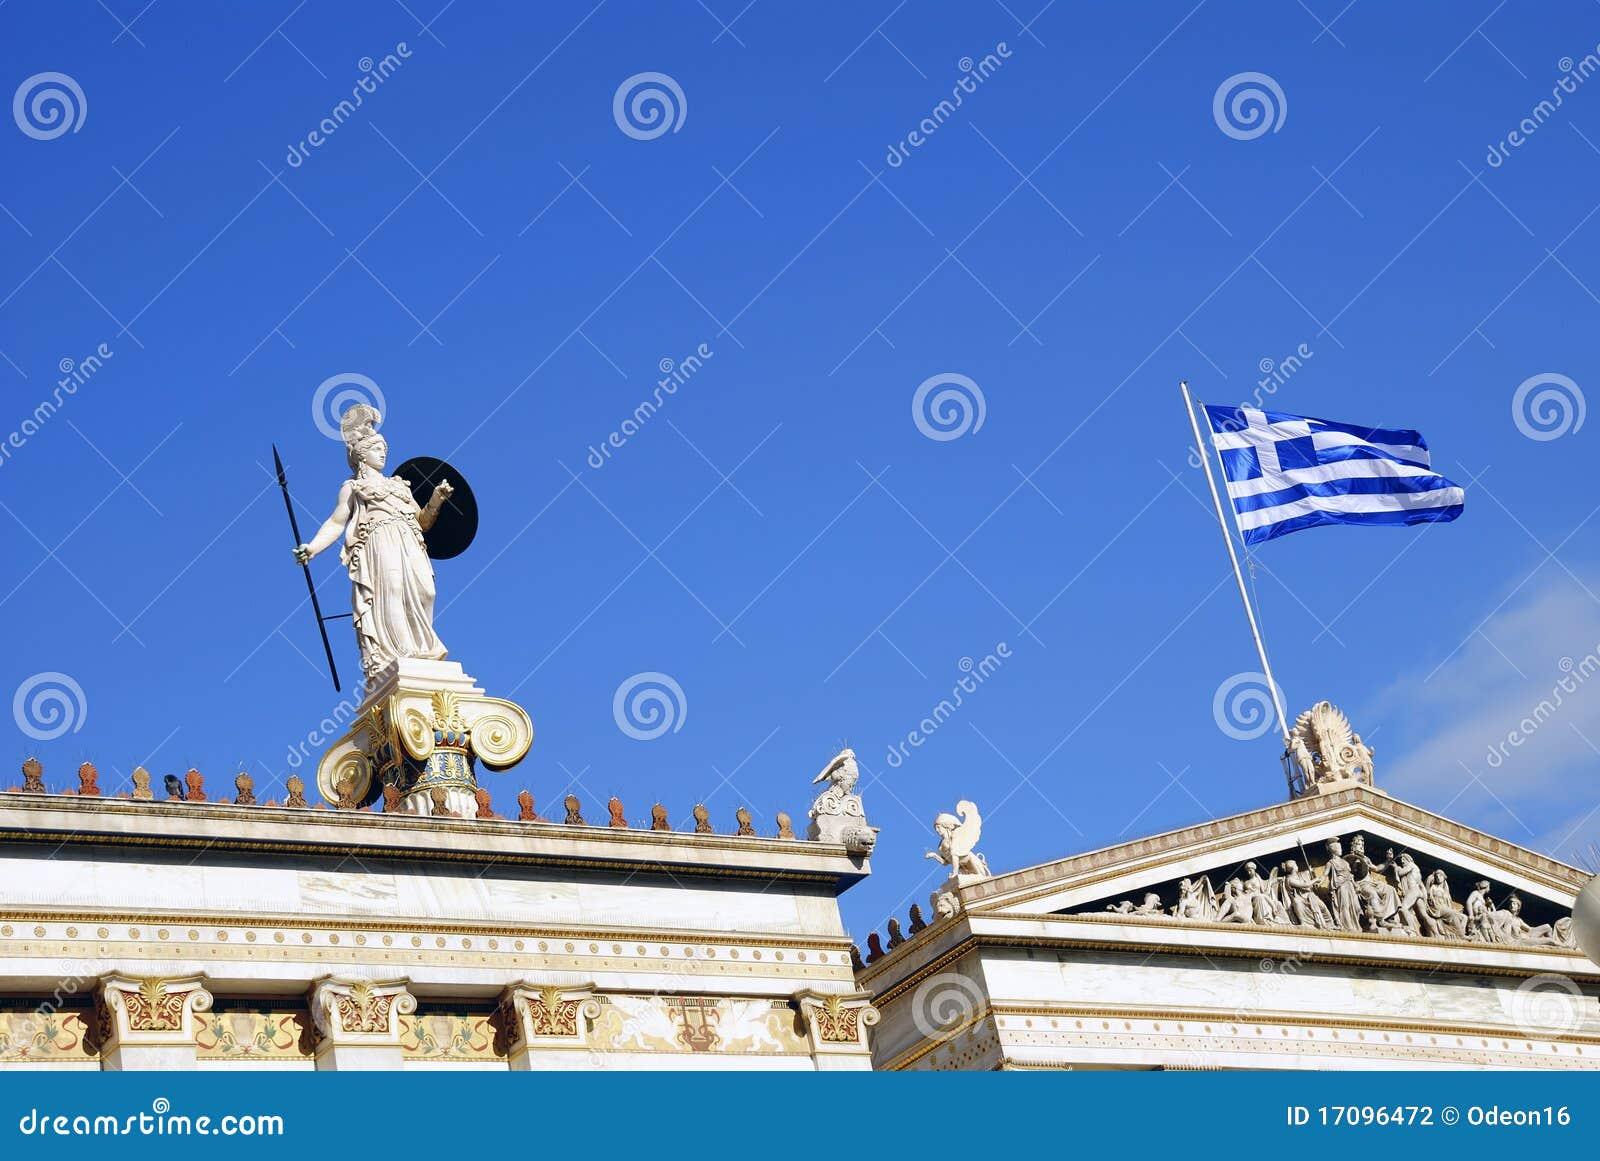 Sonderkommando der nationalen Akademie von Athen (Griechenland)